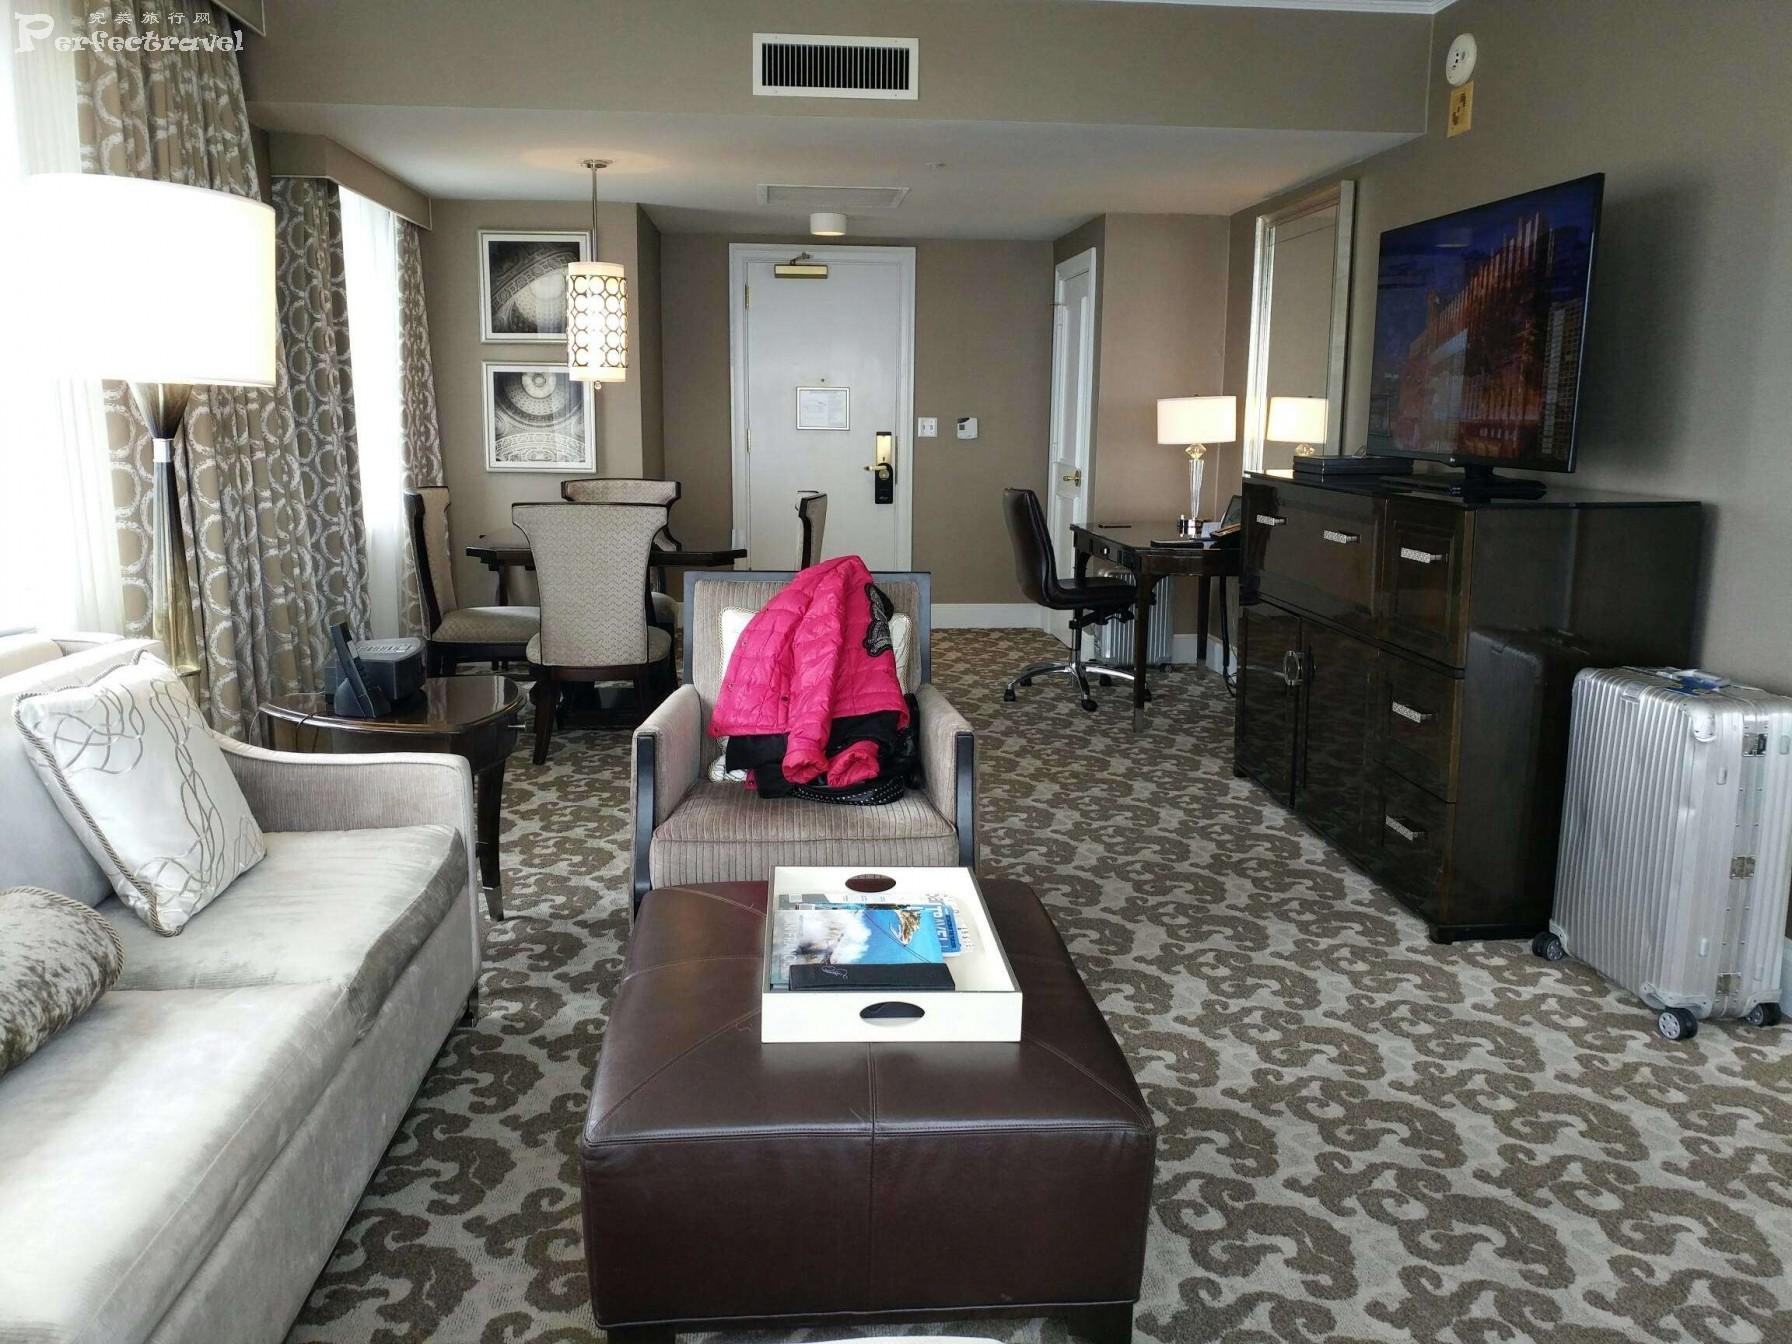 花样姐姐游美国(第三天):传奇的起点-旧金山费尔蒙酒店 - 完美旅行Perfectravel - 完美旅行Perfectravel的博客